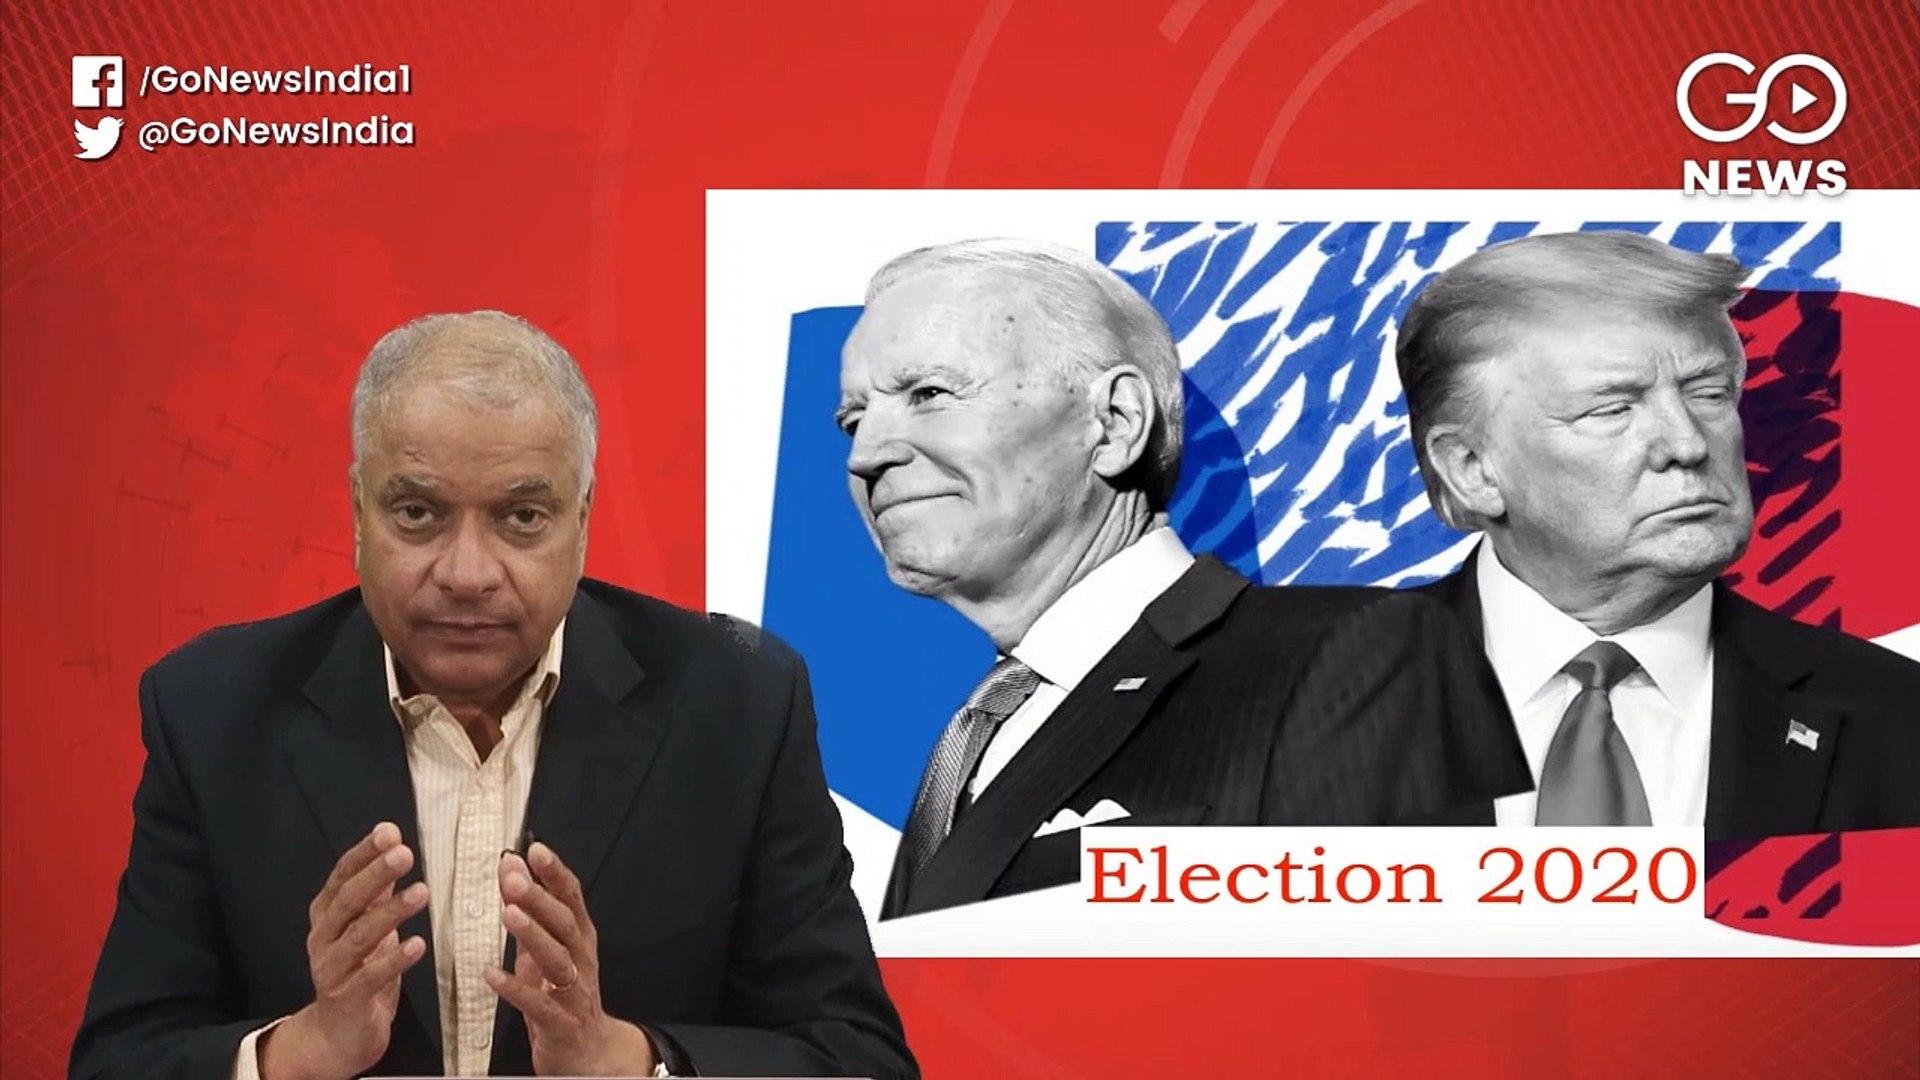 अमेरिकी चुनाव: ट्रंप की घटती लोकप्रियता, बाइडन के पक्ष में एकजुट होते वोटर